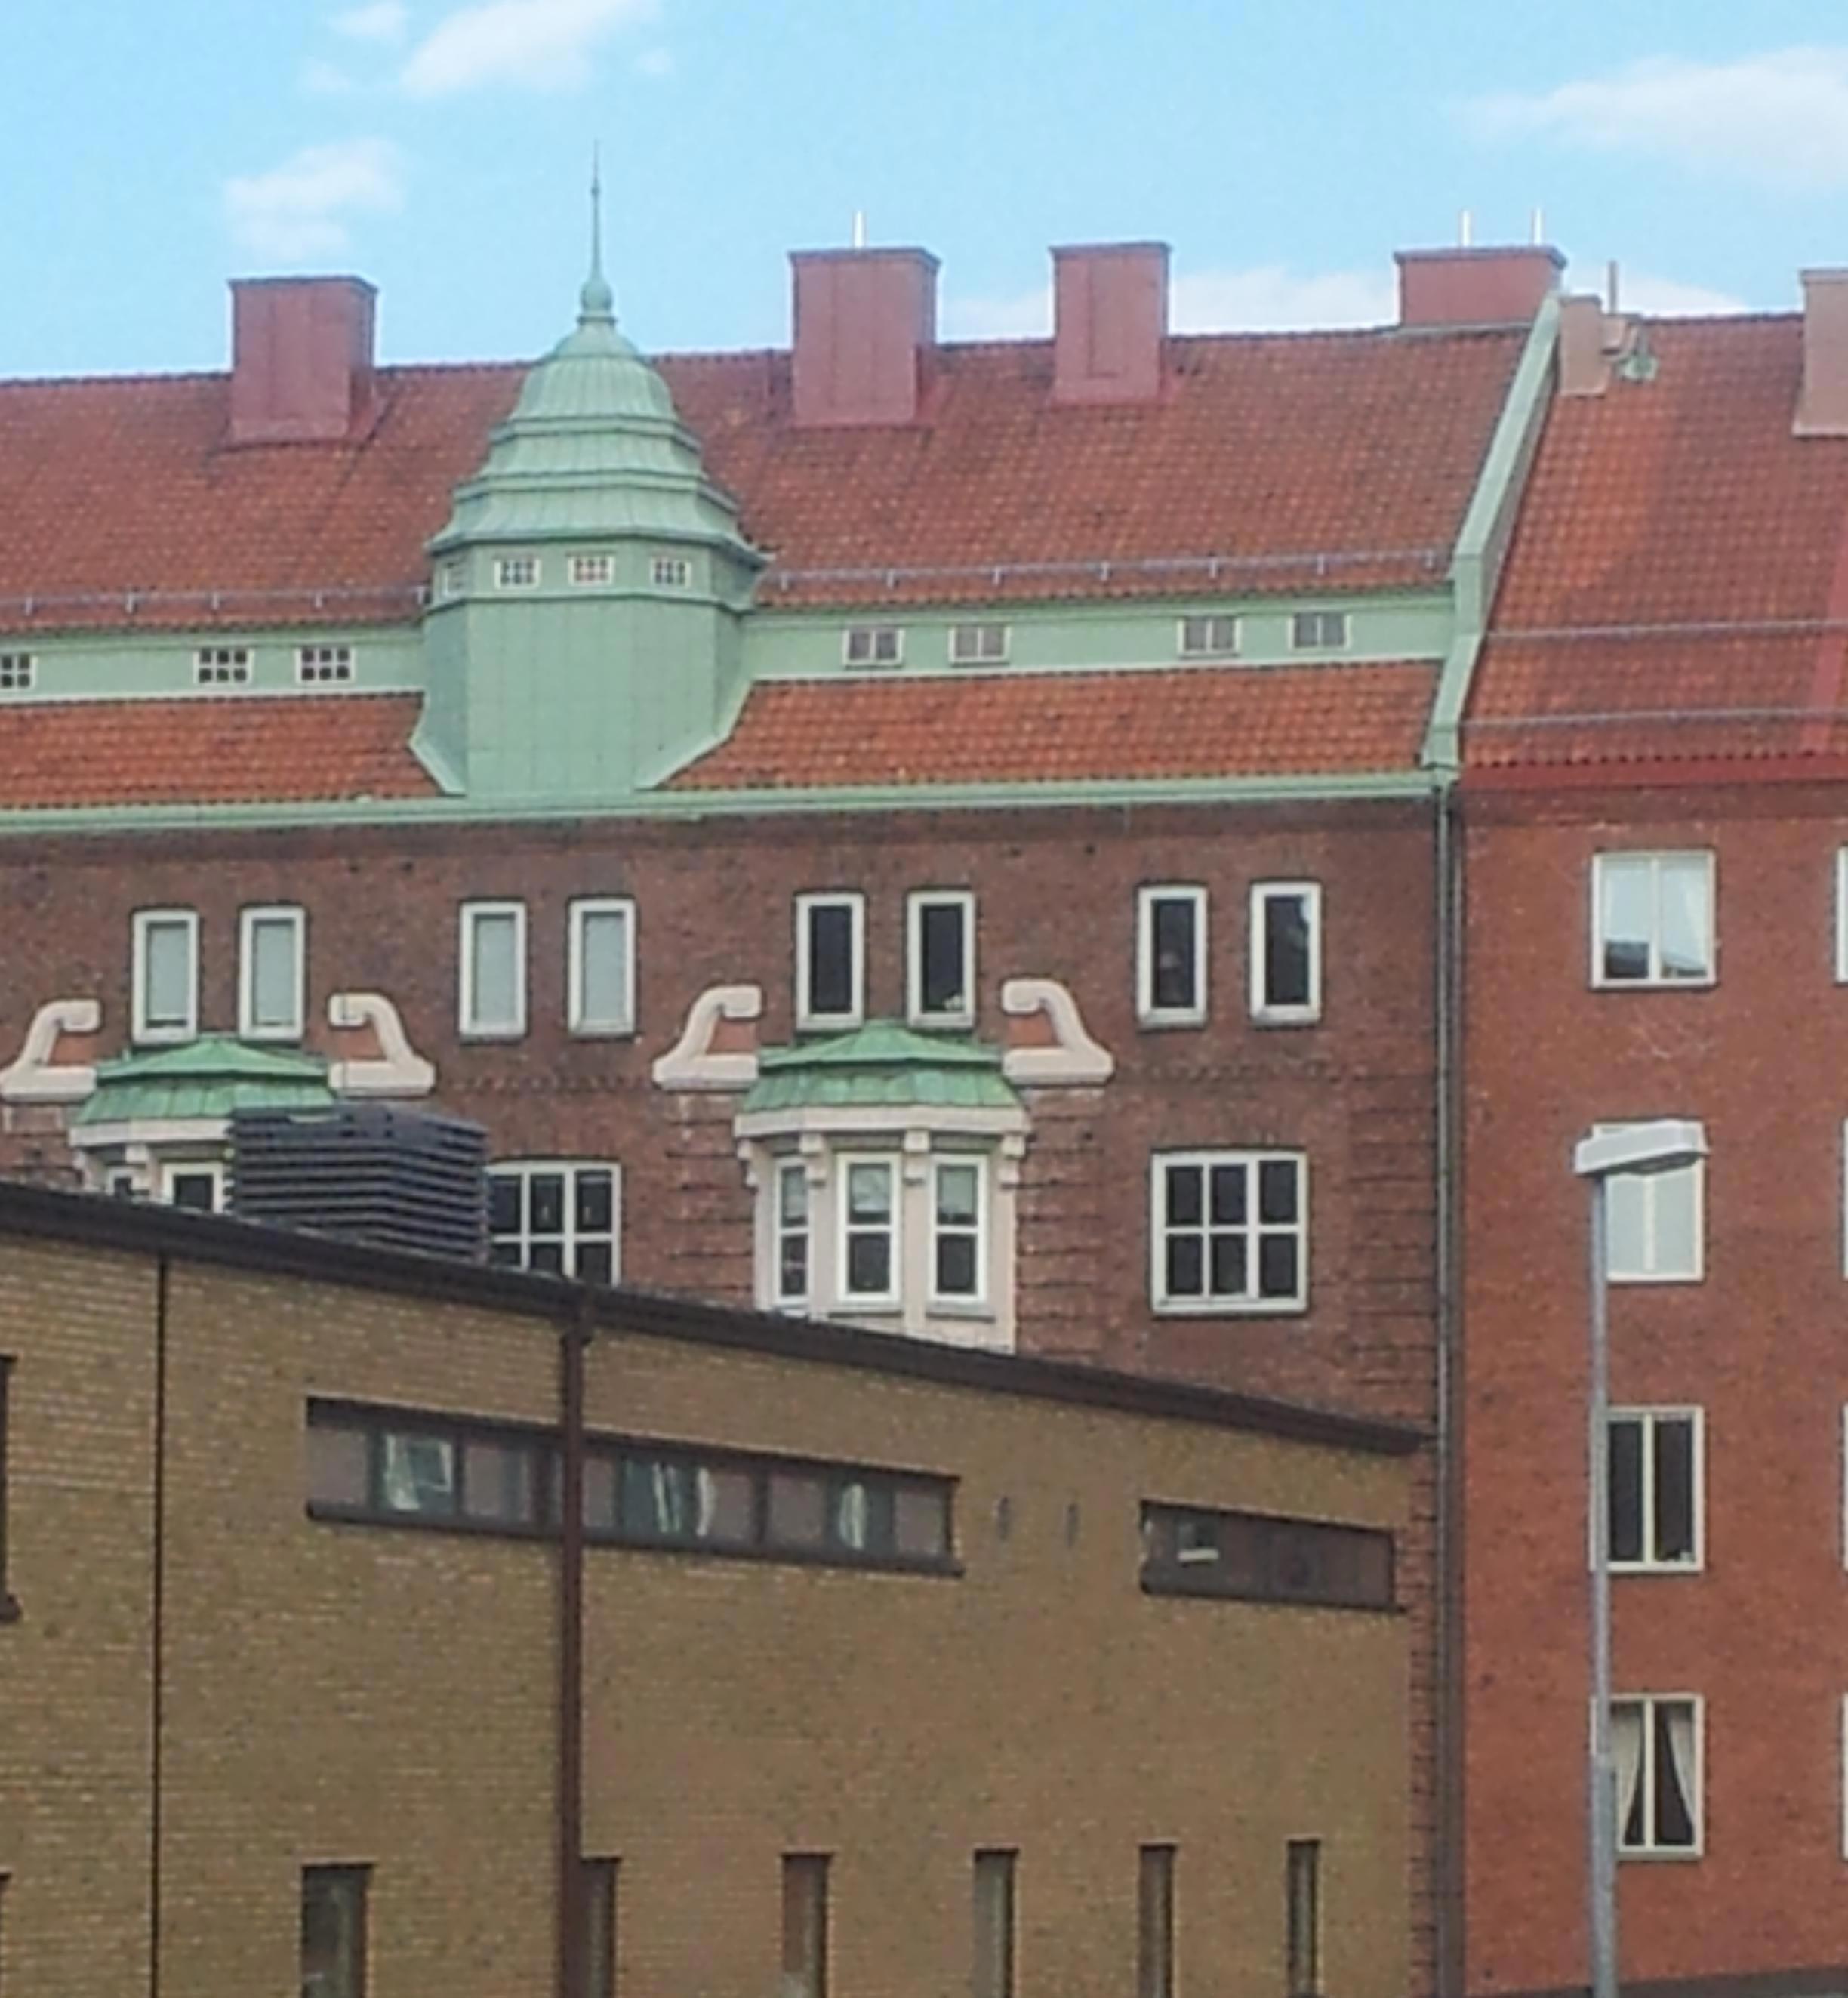 Bilderparade CCCXXXVI LangweileDich.net_Bilderparade_CCCXXXVI_51